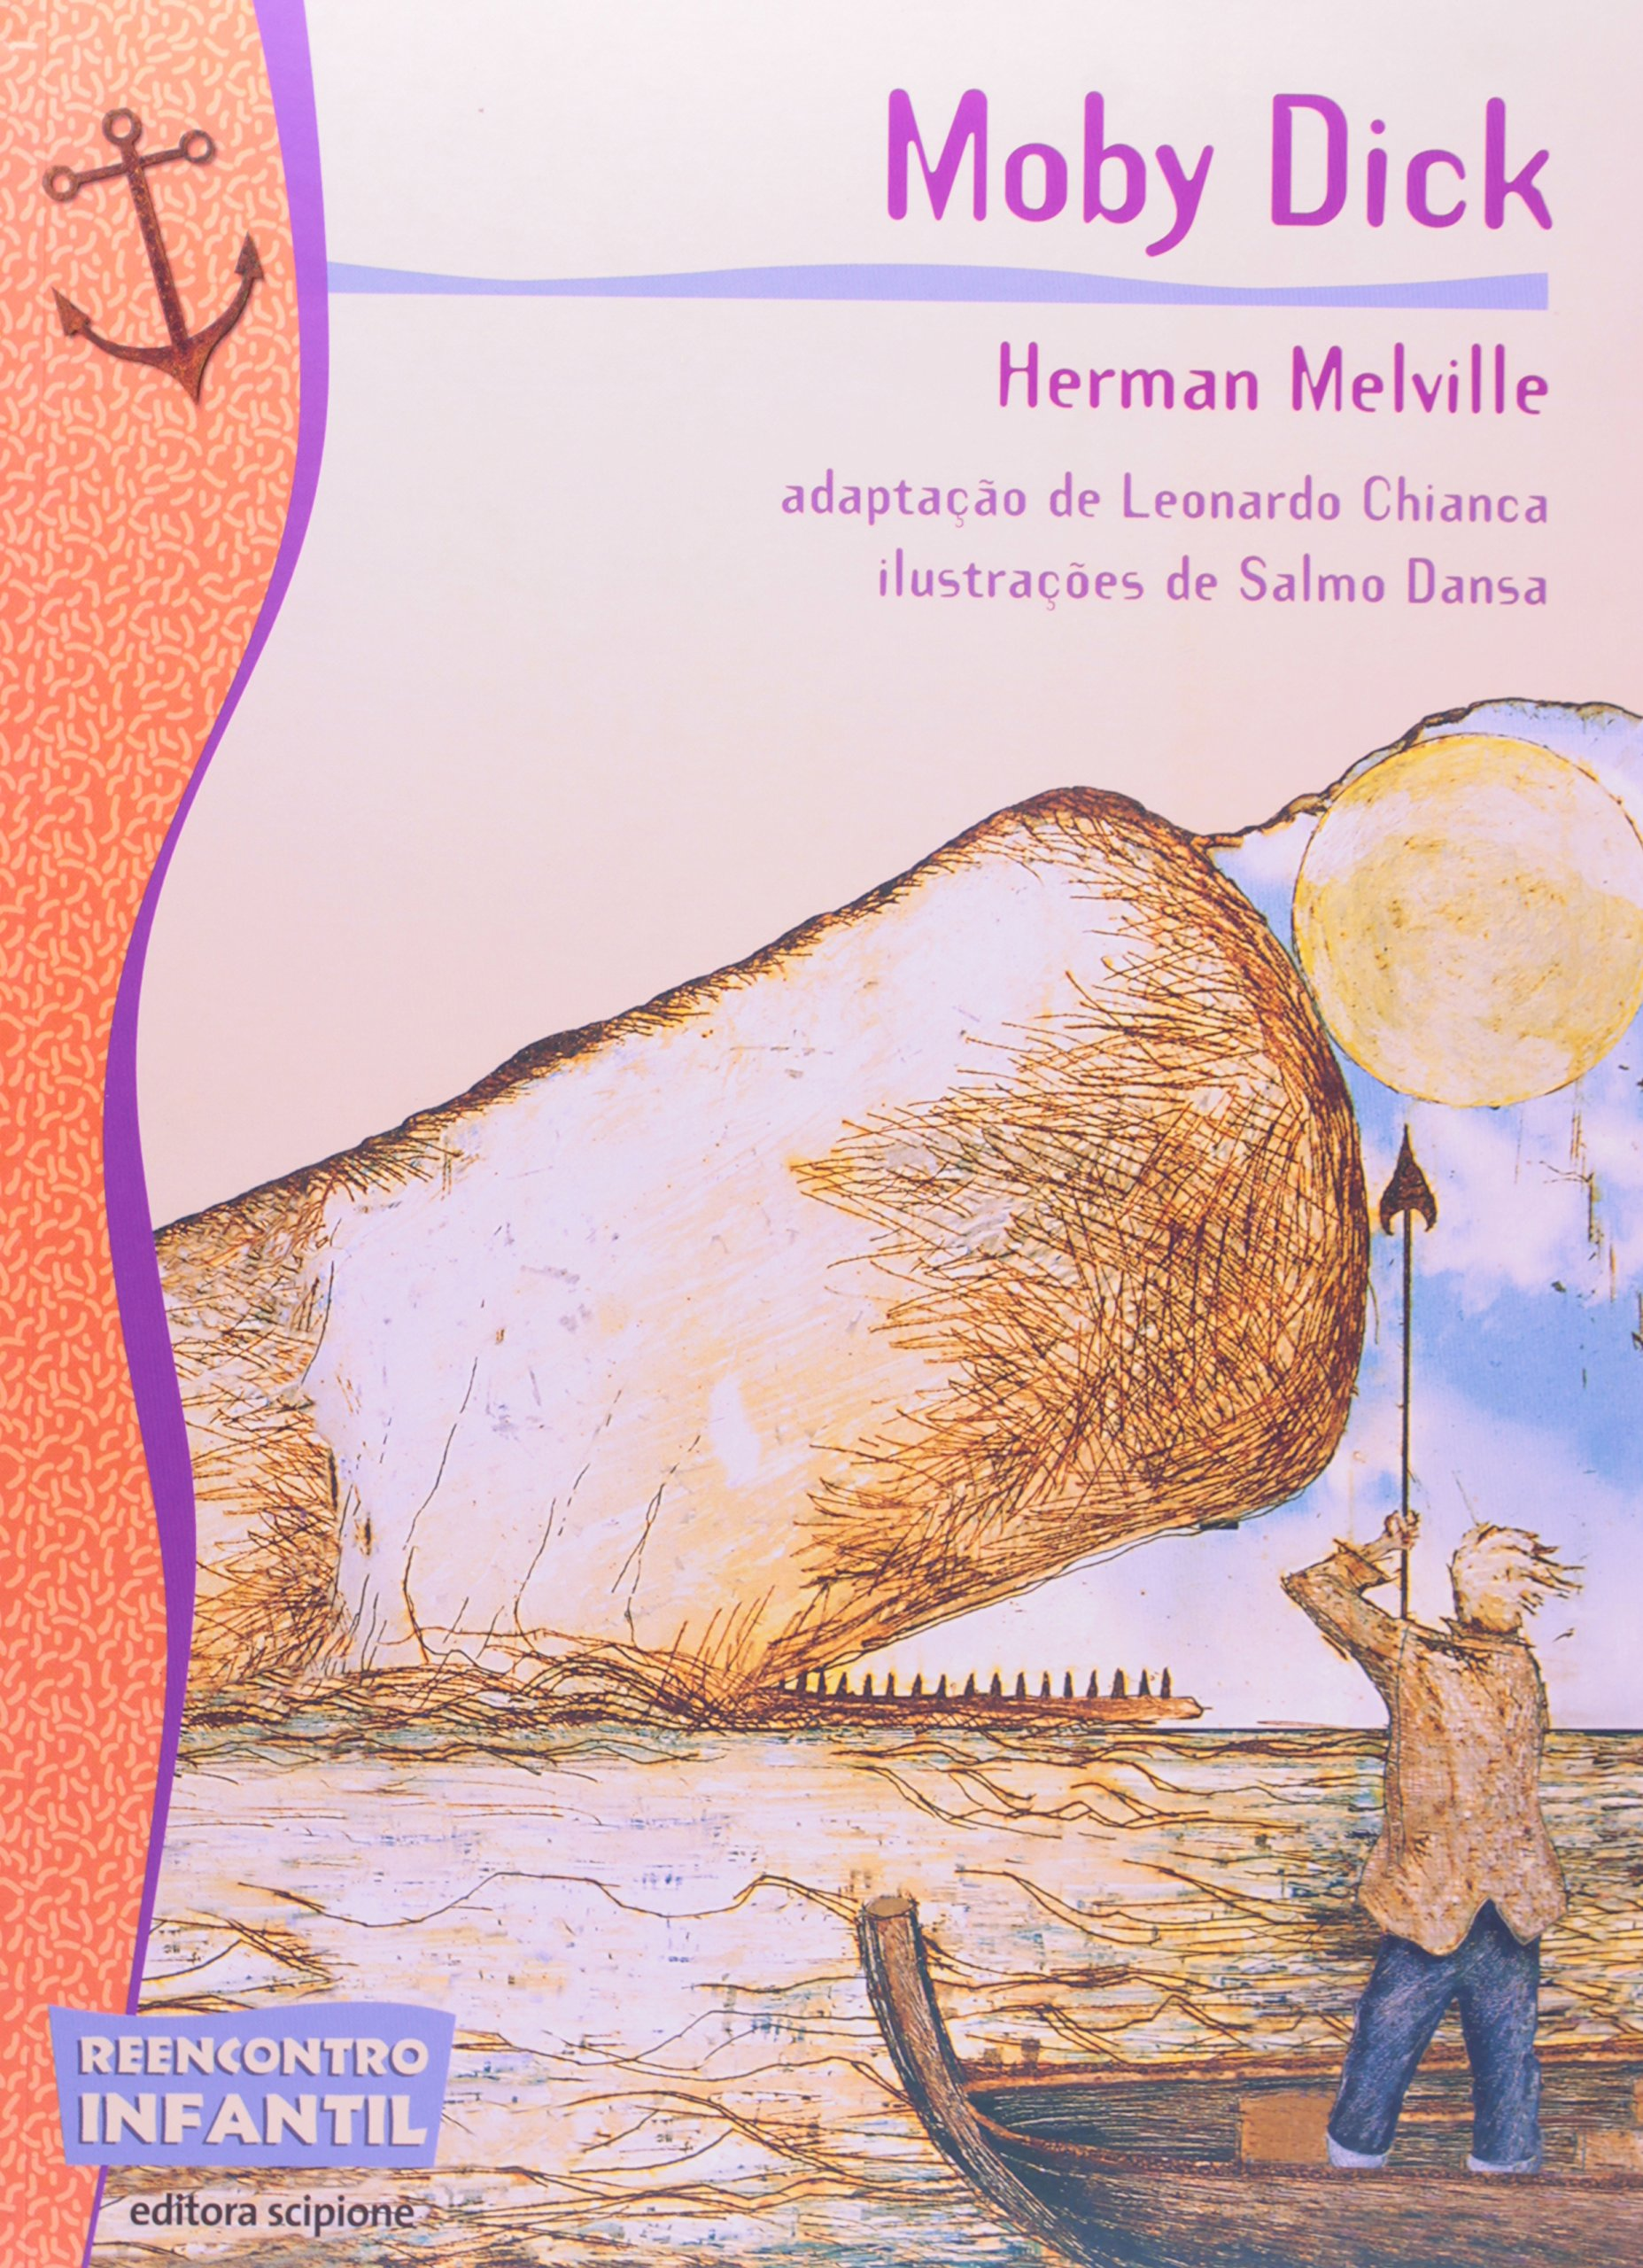 Moby Dick - Coleção Reencontro Infantil (Em Portuguese do Brasil) ebook